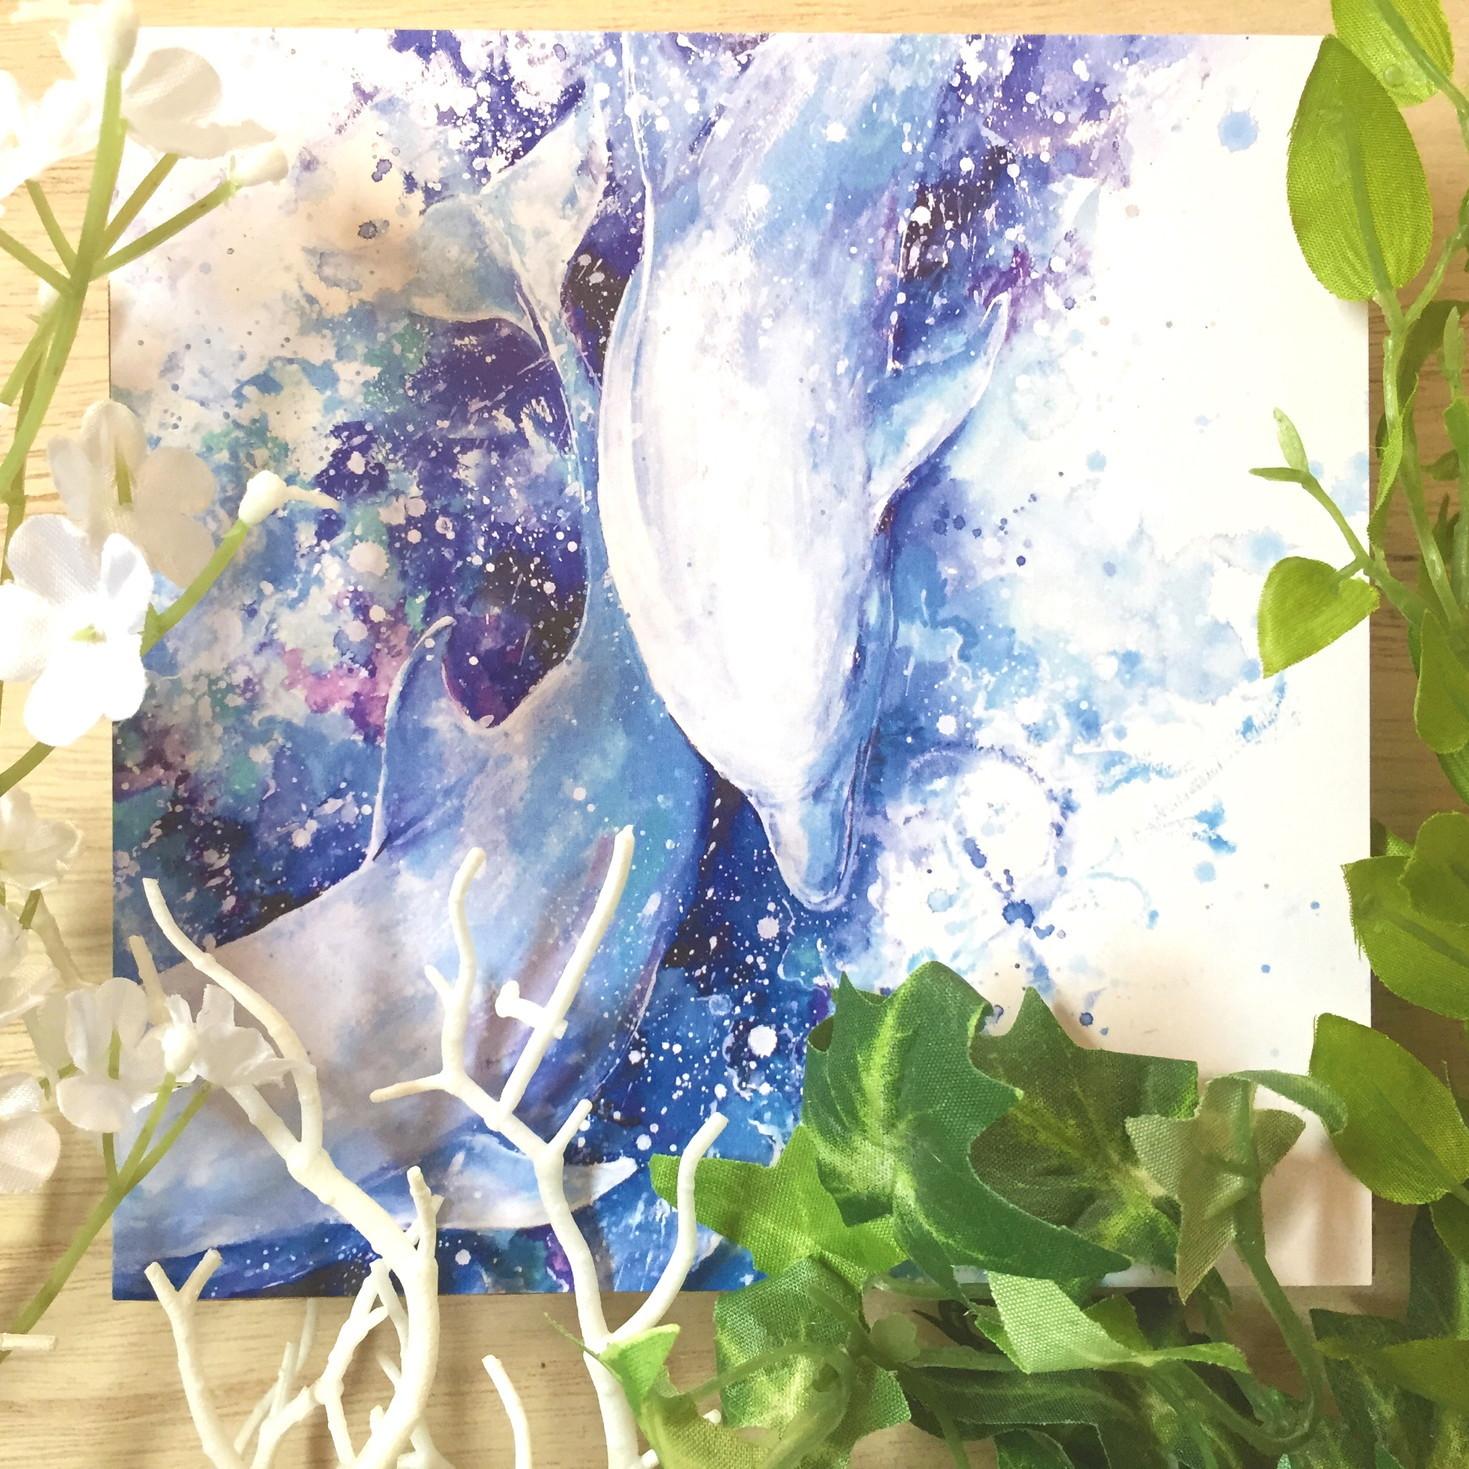 絵画 インテリア アートパネル 雑貨 壁掛け 置物 おしゃれ 水彩画 イルカ 動物 海 ロココロ 画家 : 平田幸大 作品 : 前進